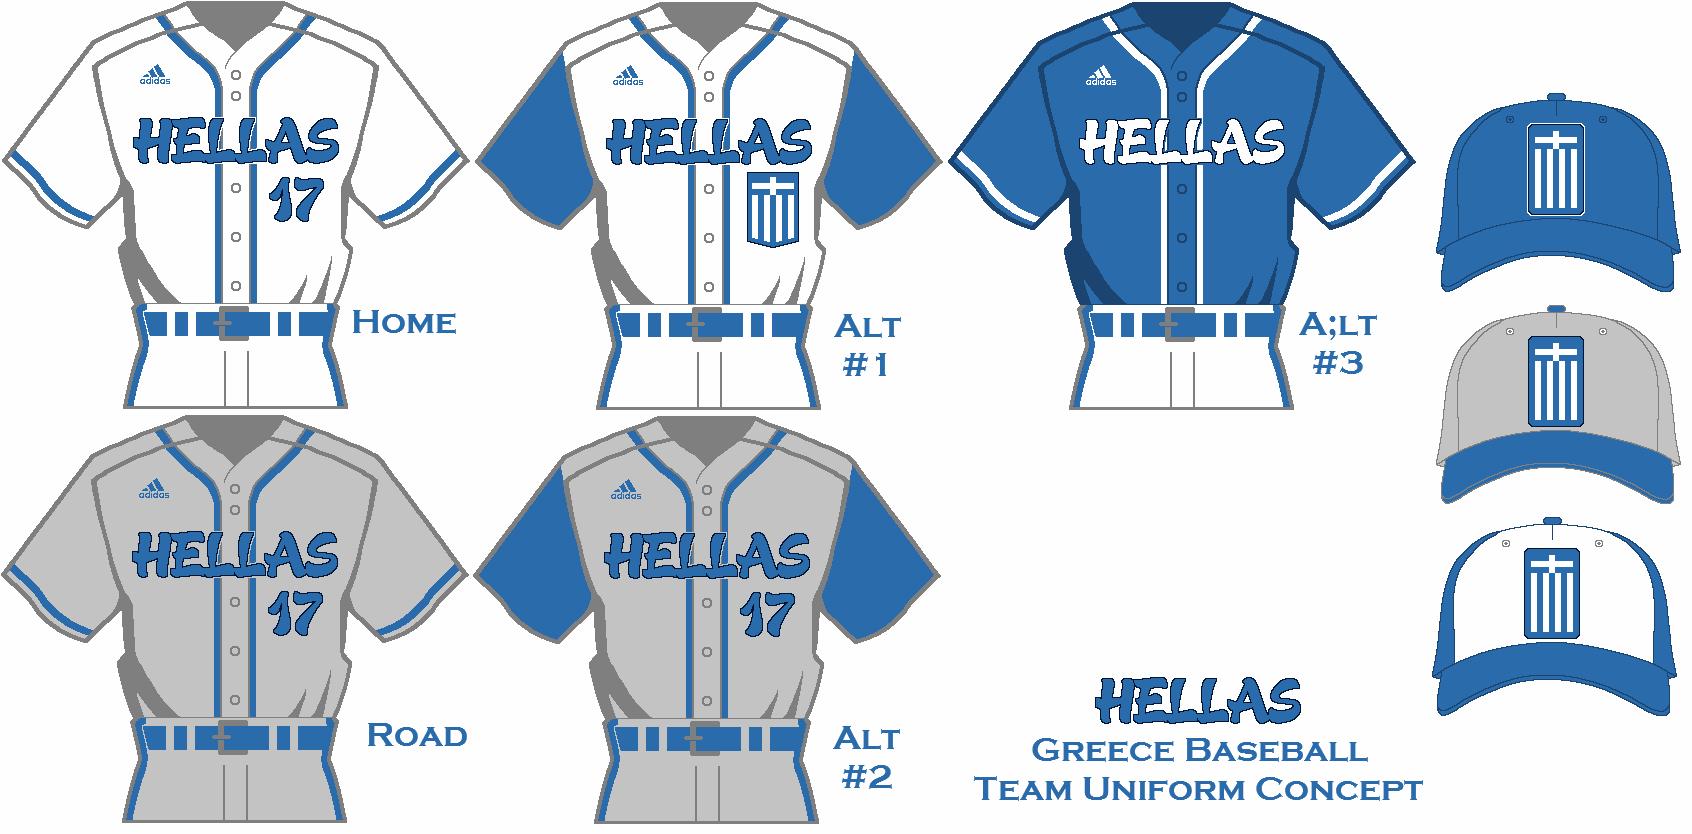 team greece baseball uniform set concept using a new template